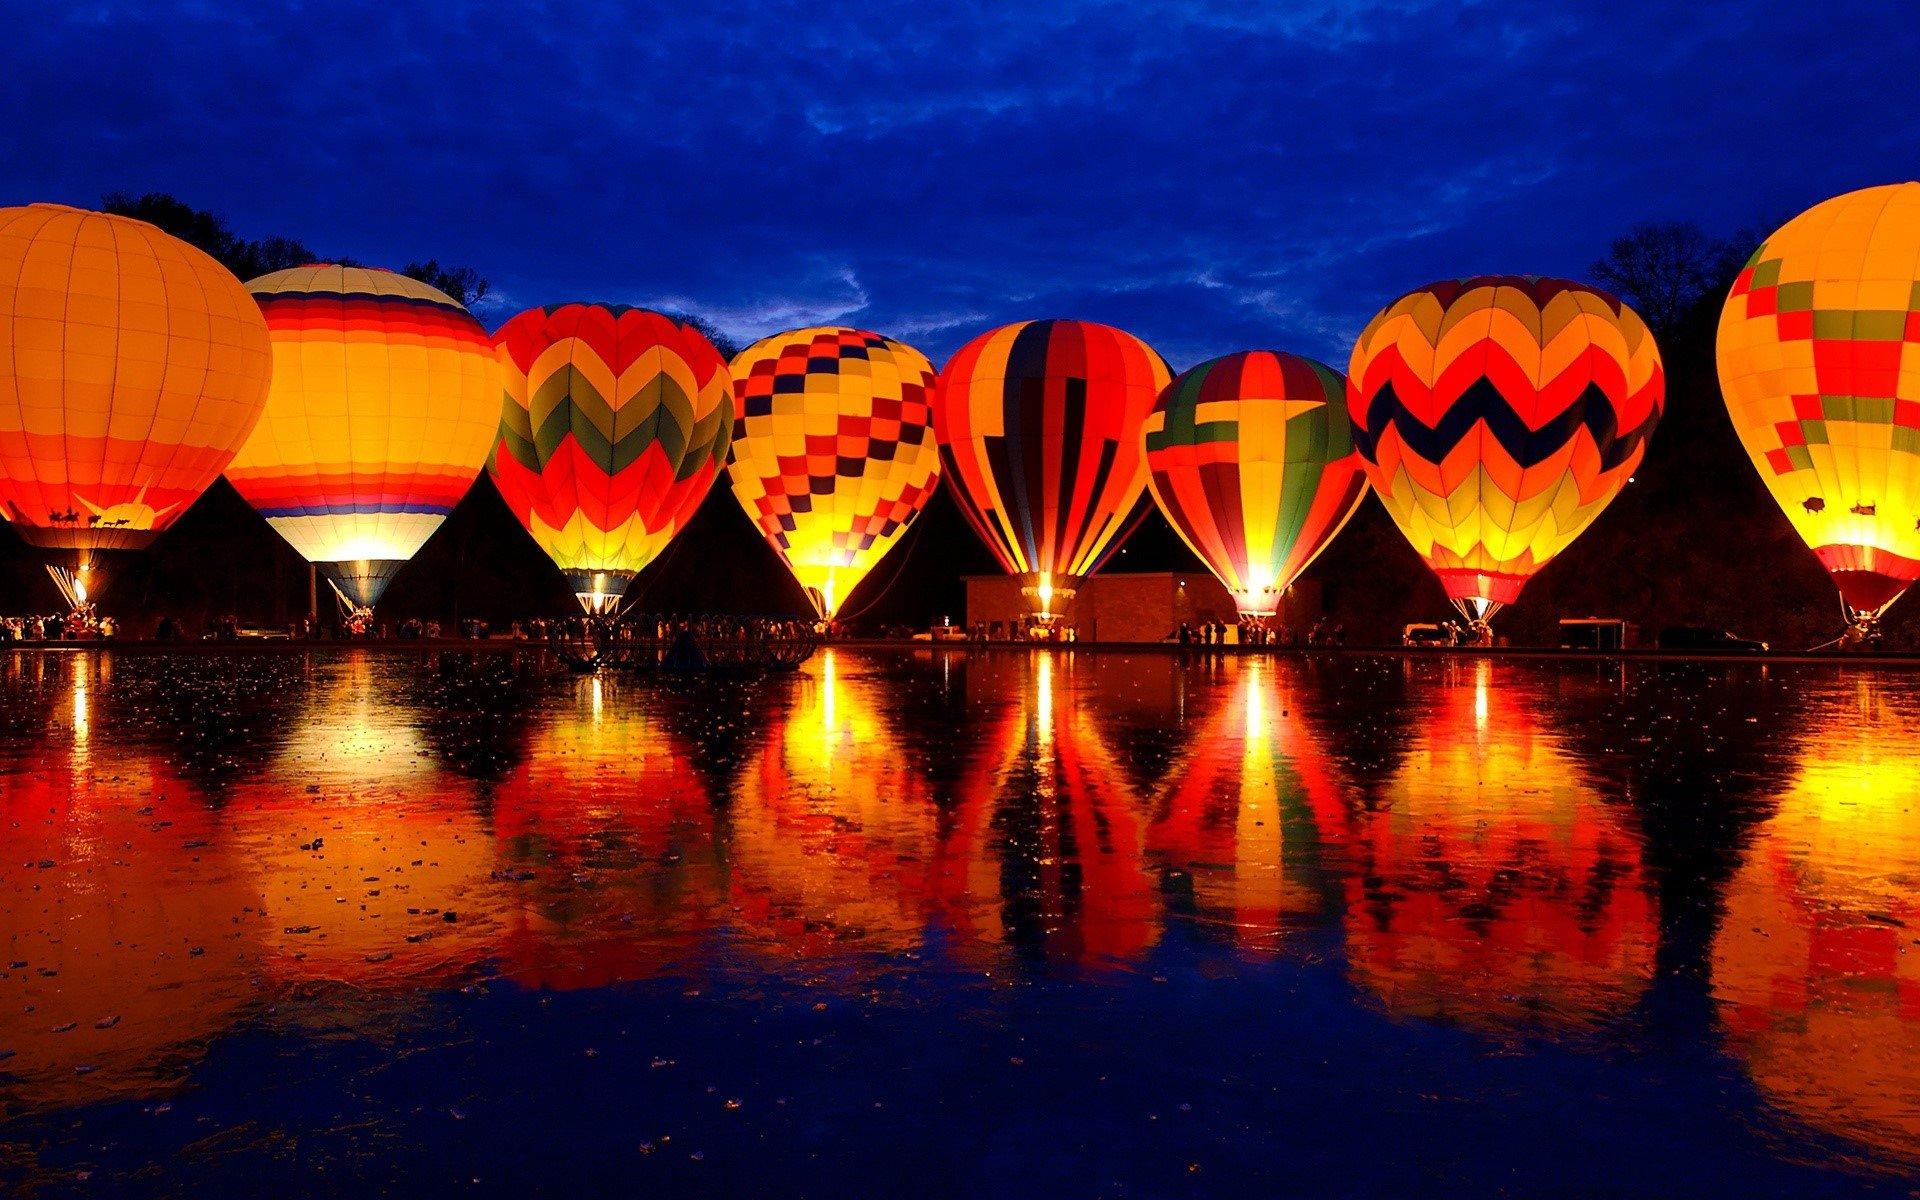 Fondos de pantalla Festival de globos aerostaticos